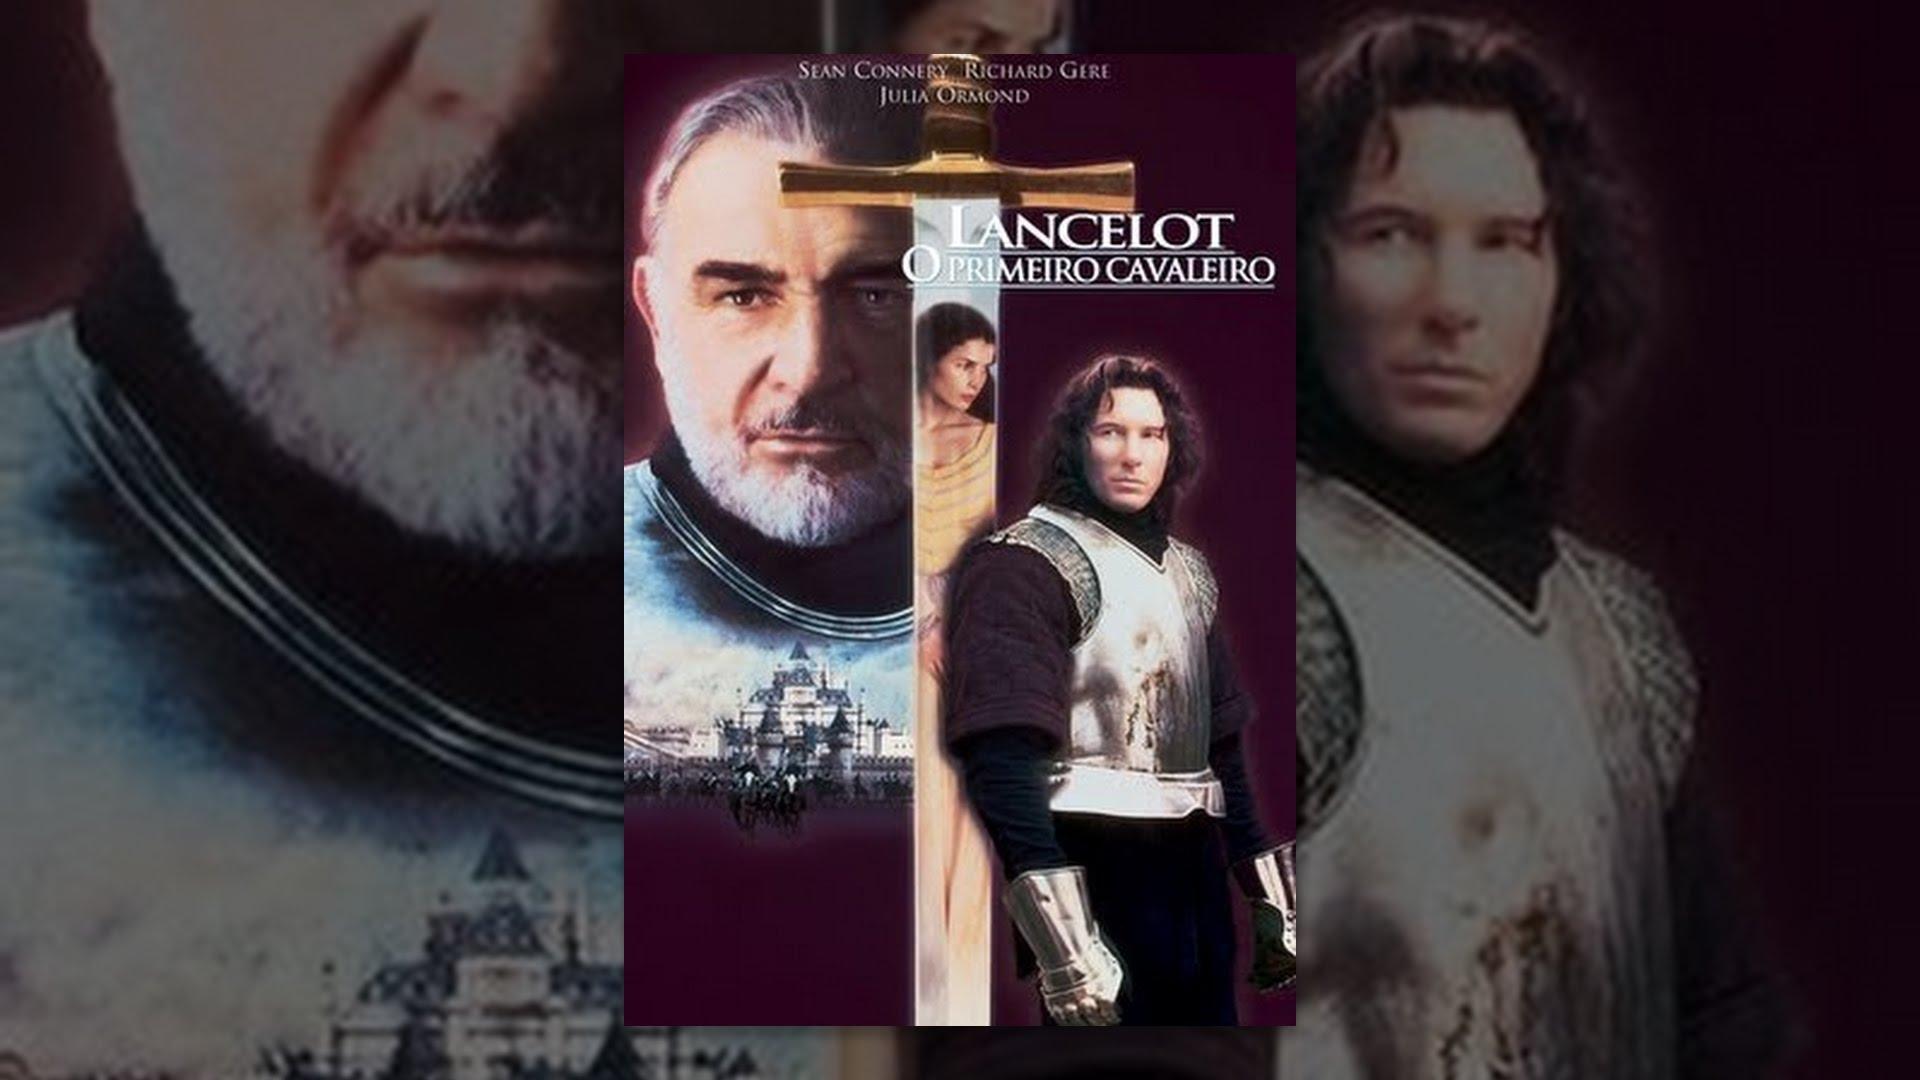 Resultado de imagem para Lancelot, O Primeiro Cavaleiro,